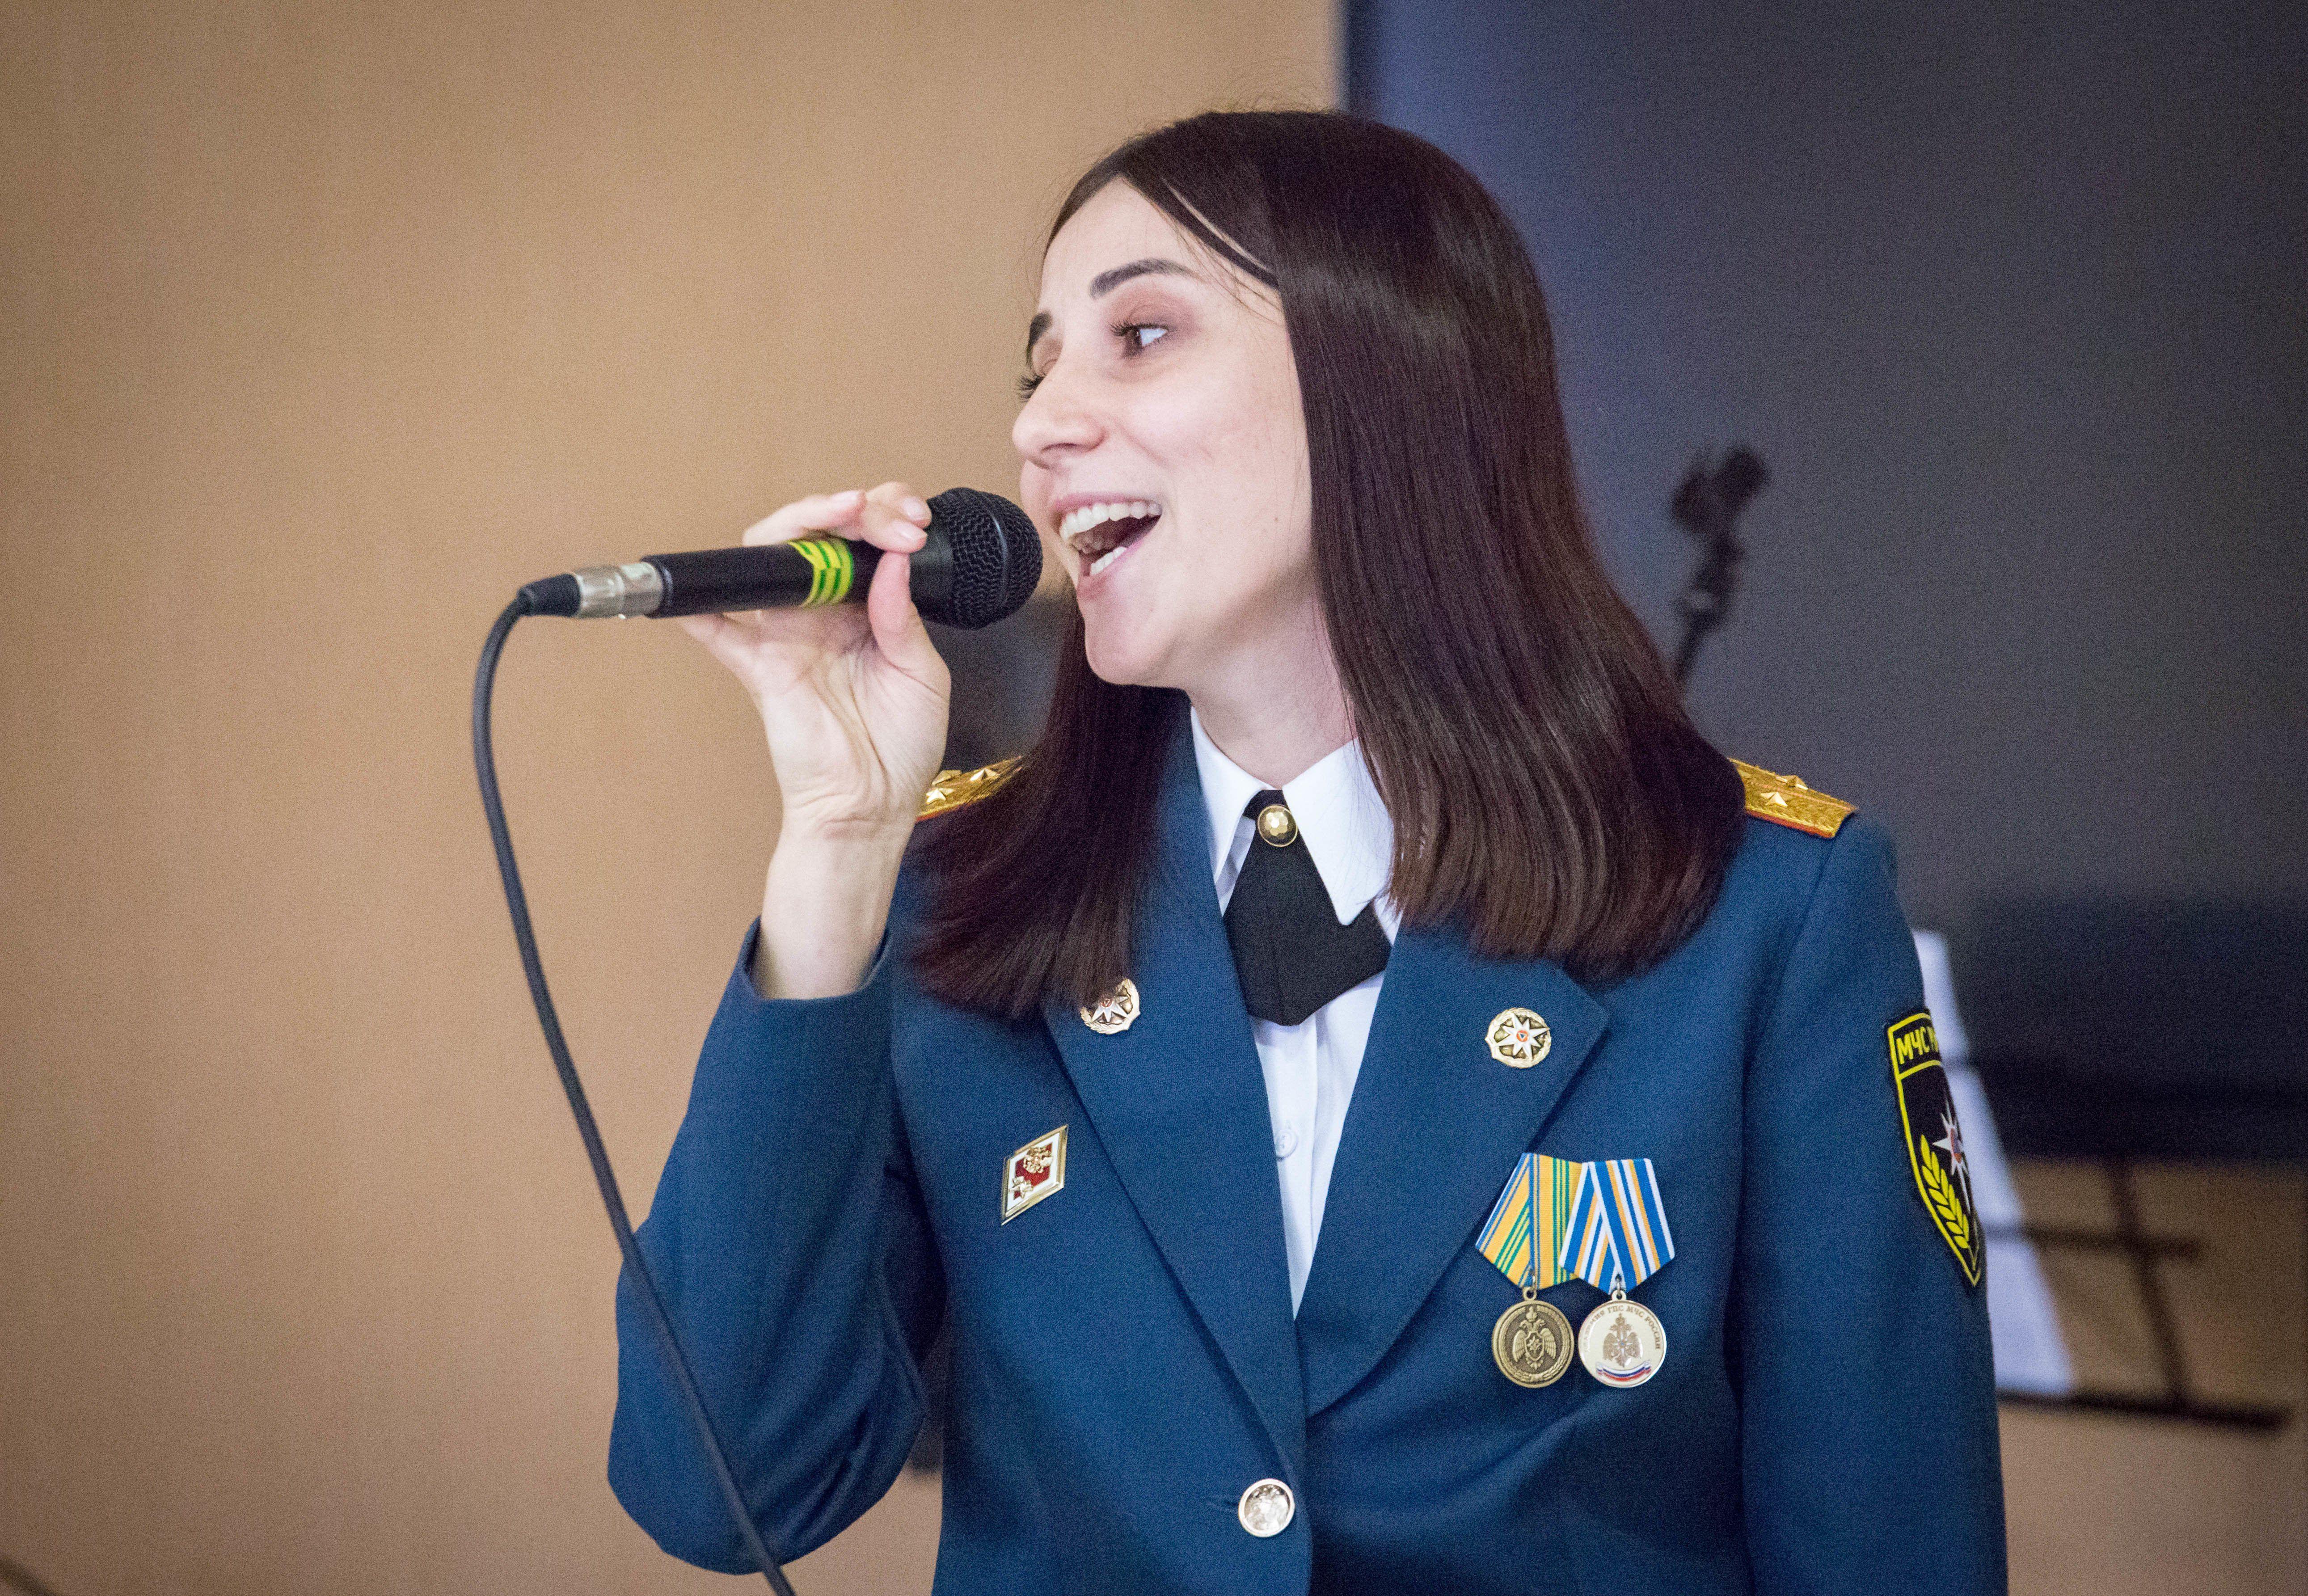 В Учебном центре отметили день гражданской обороны